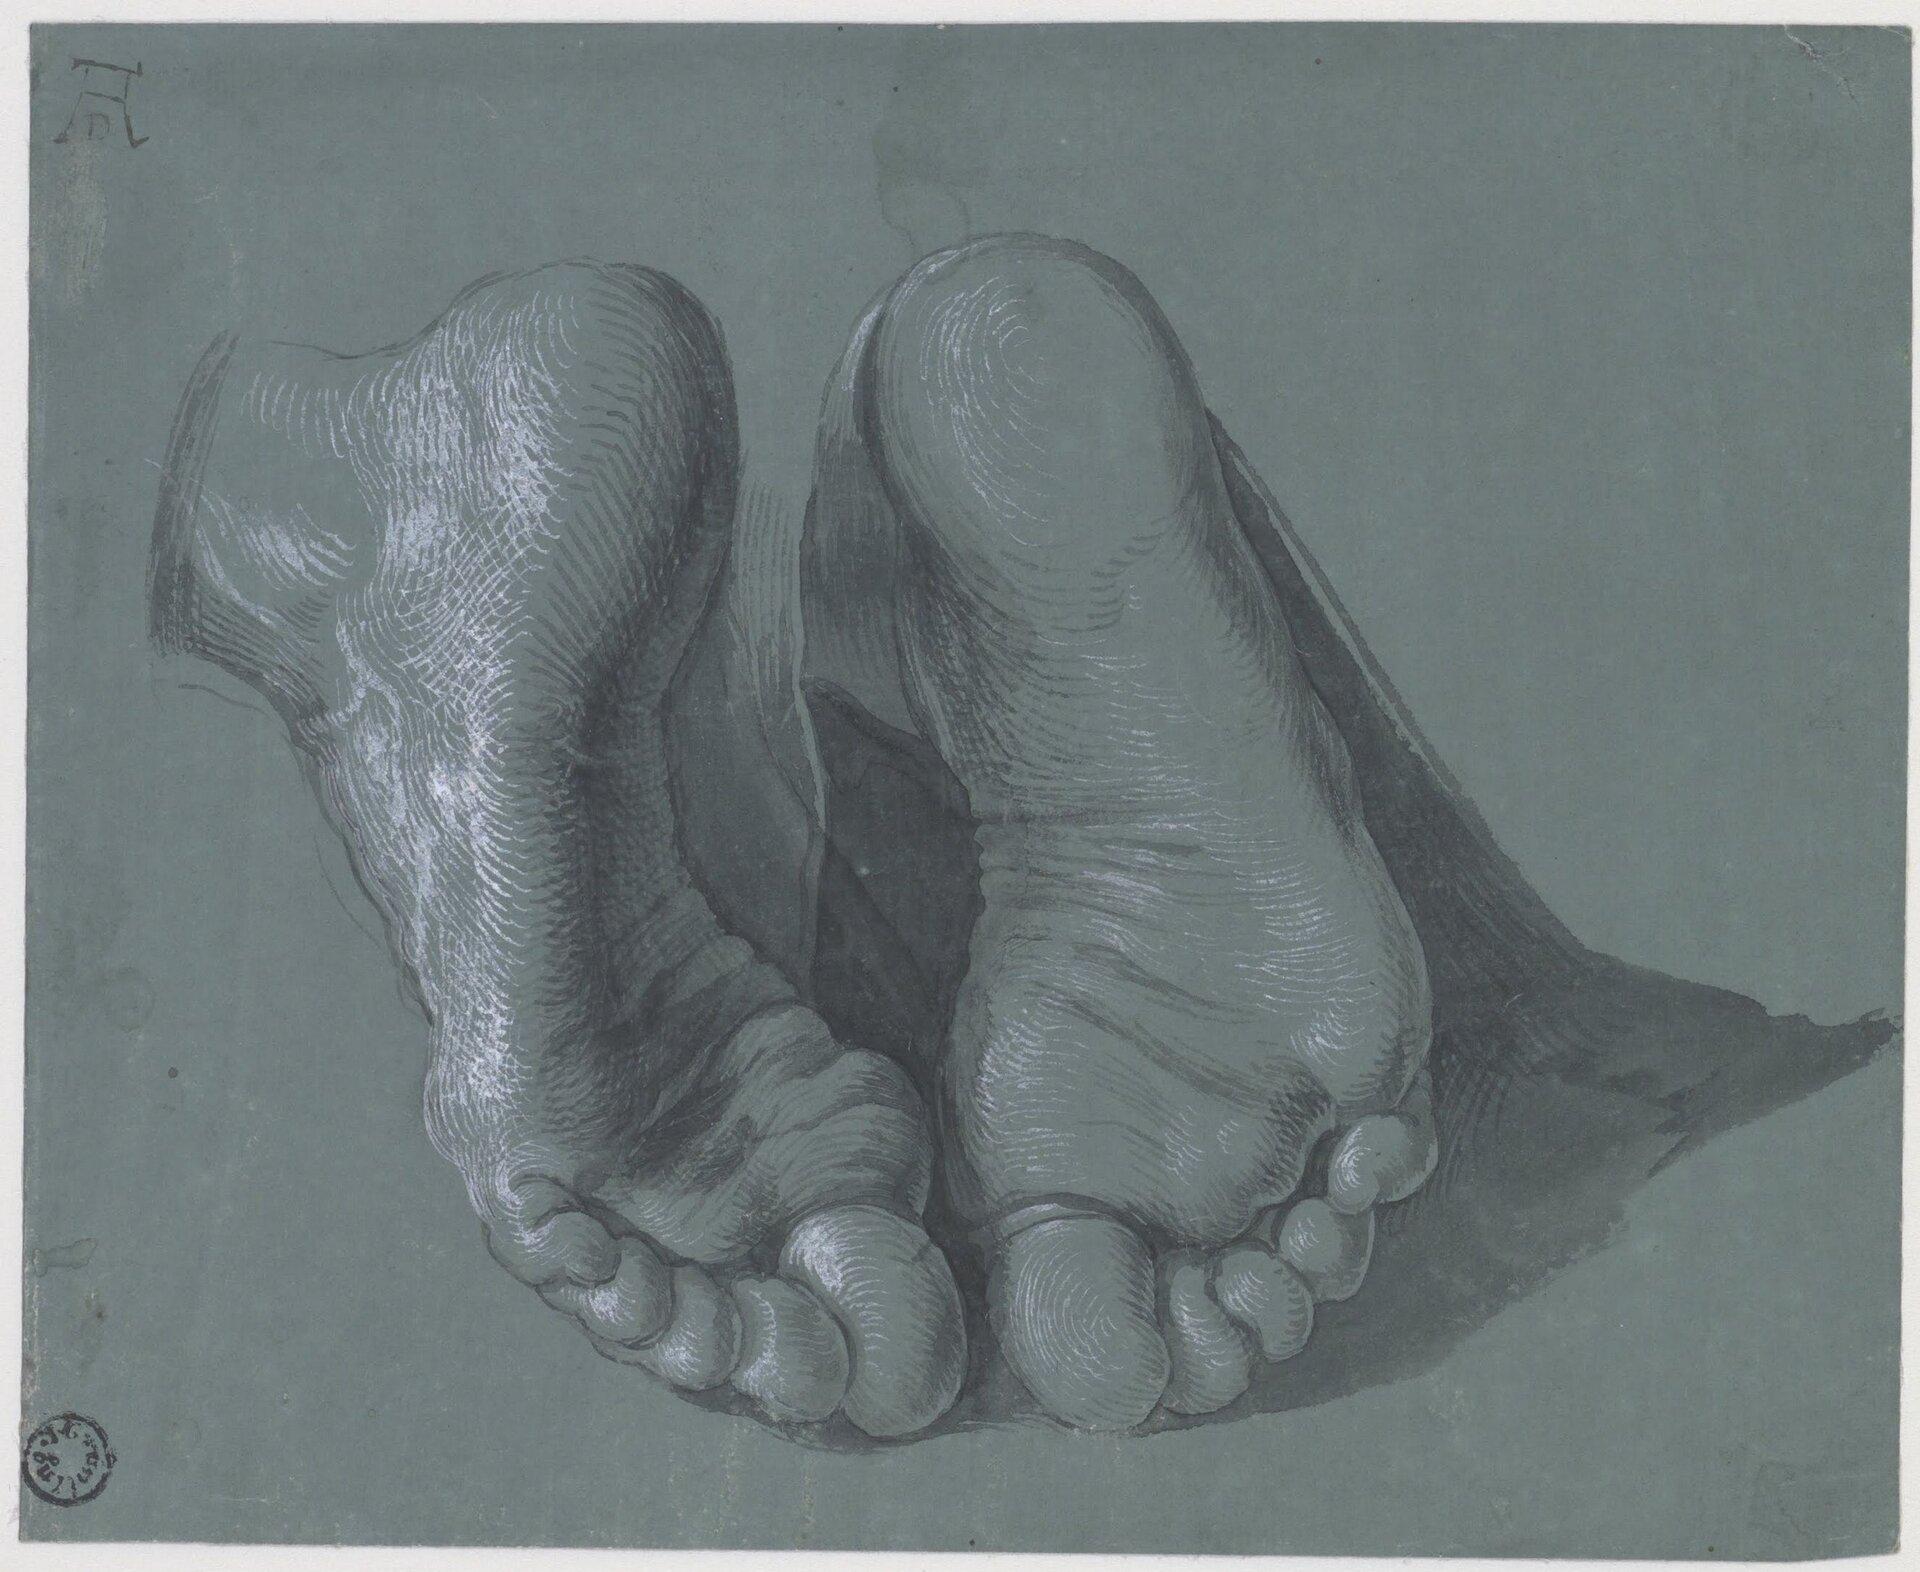 """Ilustracja przedstawia rysunek """"Studium dwóch stóp"""" autorstwa Albrechta Dürera. Dzieło ukazuje podeszwy dwóch stup narysowane na szarym papierze. Artysta posługując się drobnymi ciemnymi kreskami wydobył cienie oraz kontury, natomiast subtelnymi pociągnięciami białej kredki zaznaczył światło układające się na lewej stopie. Rysunek skomponowany jest statycznie."""